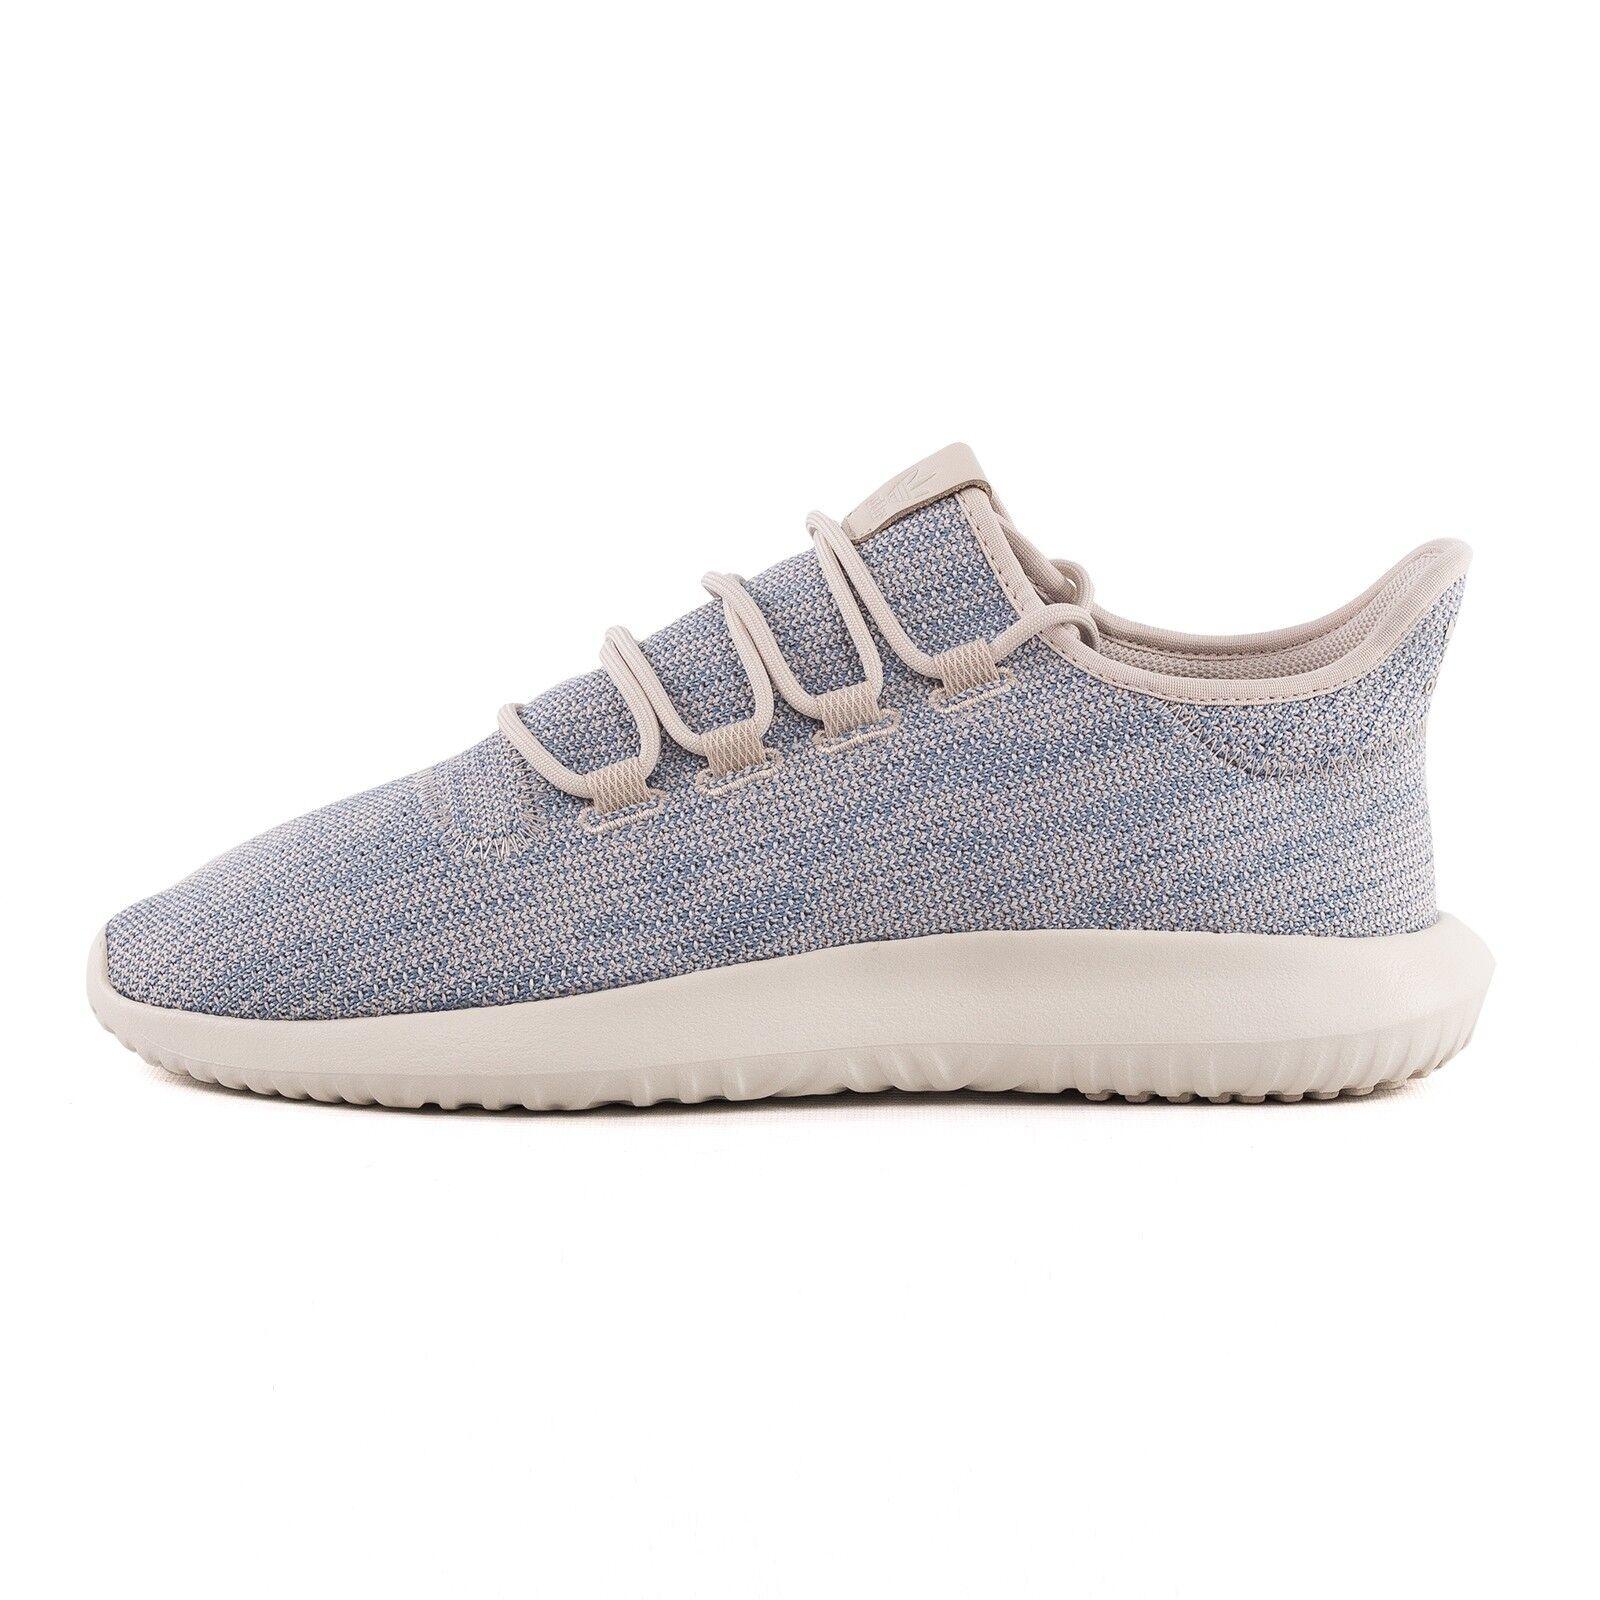 ADIDAS TUBULAR Sombra CK Zapato De Hombre Zapatillas Táctil Azul 51346